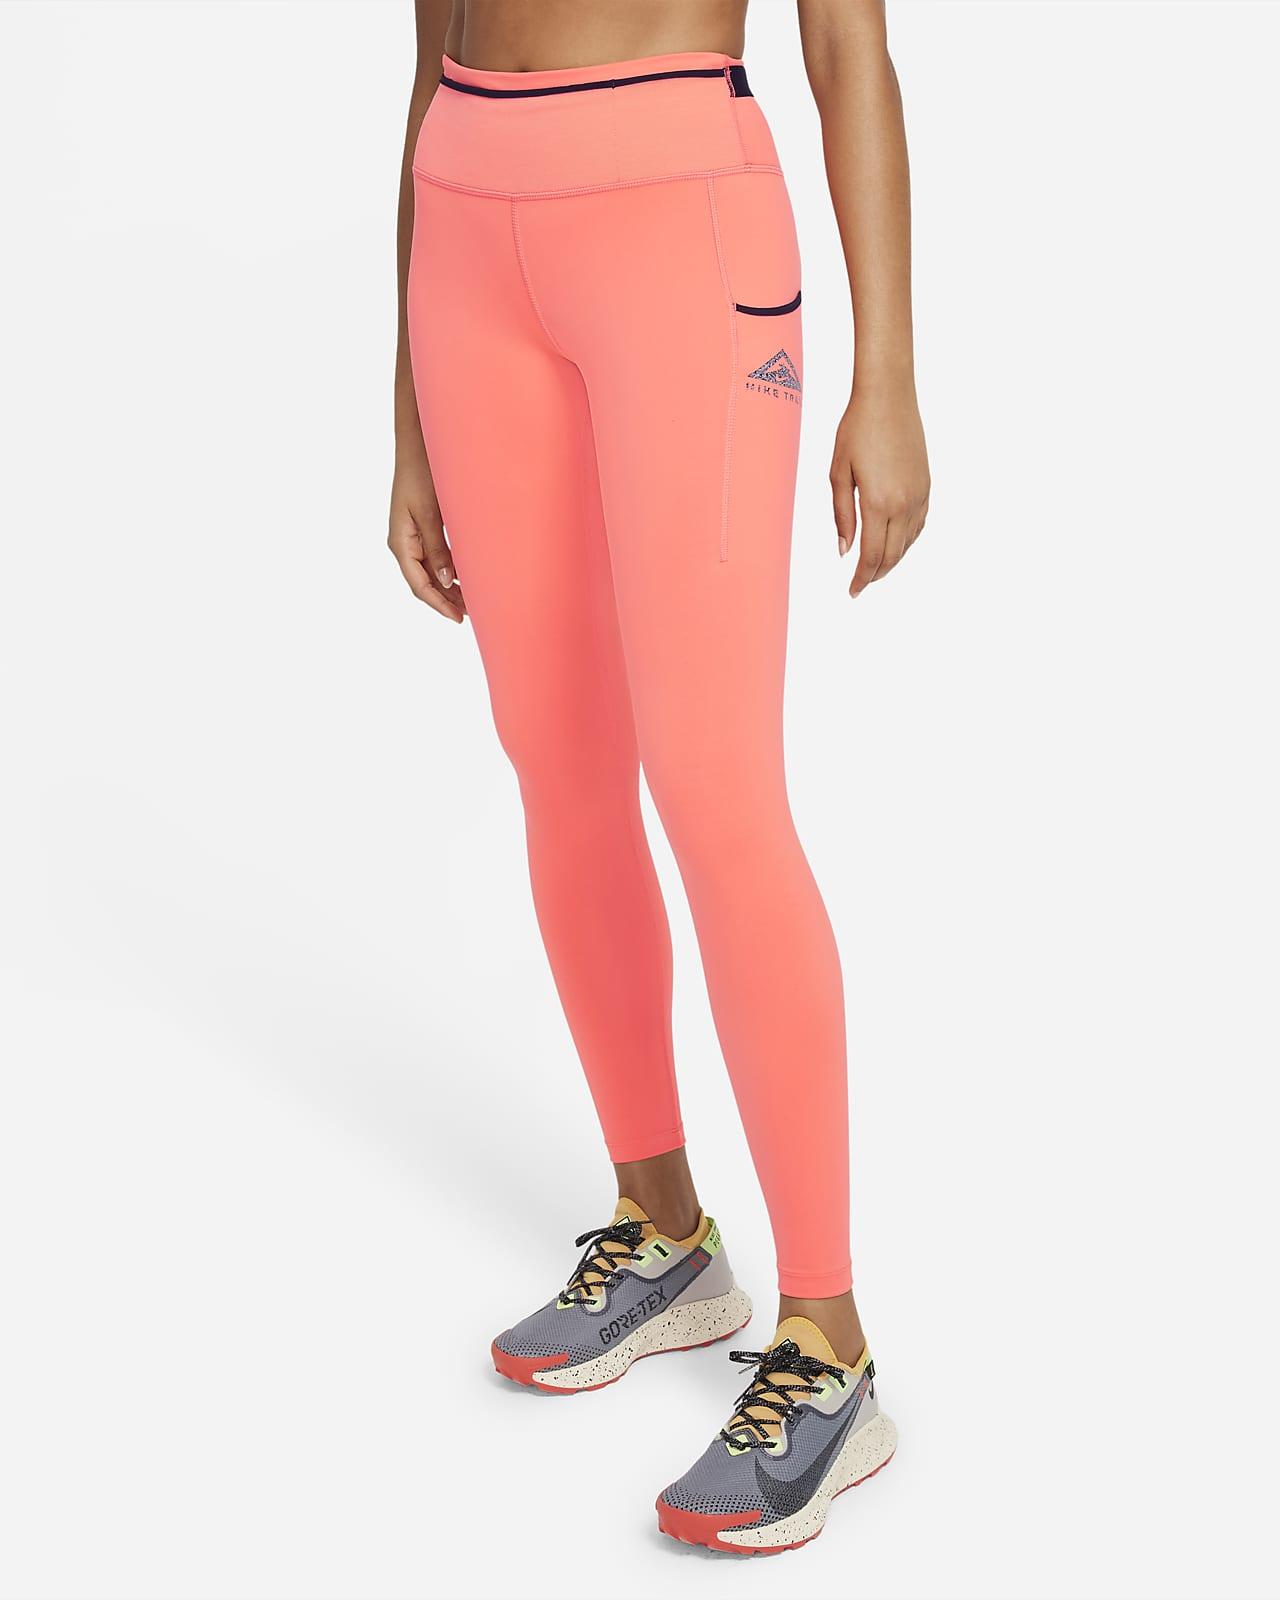 Nike Epic Luxe Normal Belli Arazi Tipi Kadın Koşu Taytı